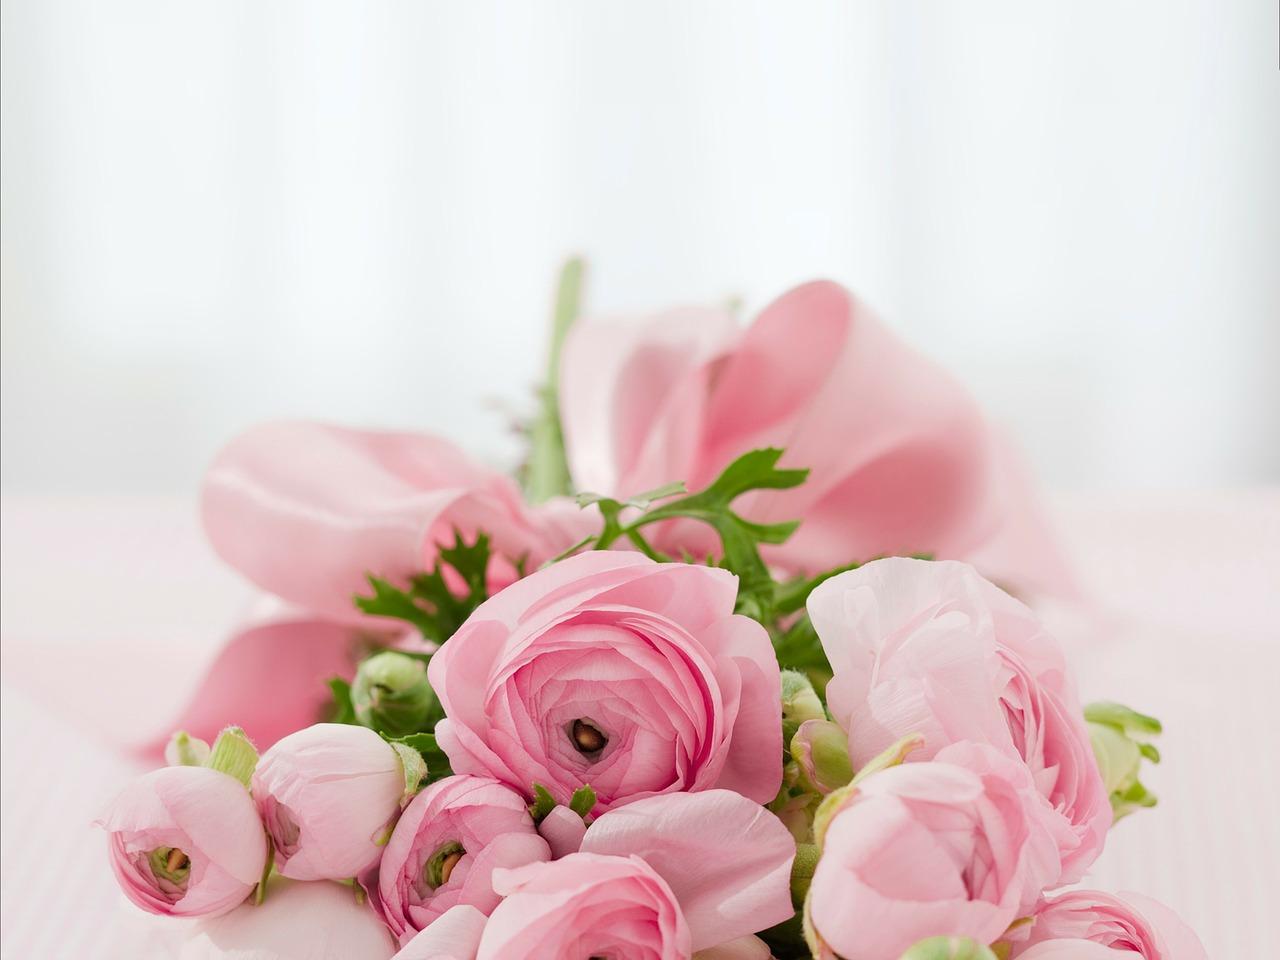 ピンクの花束が置かれている